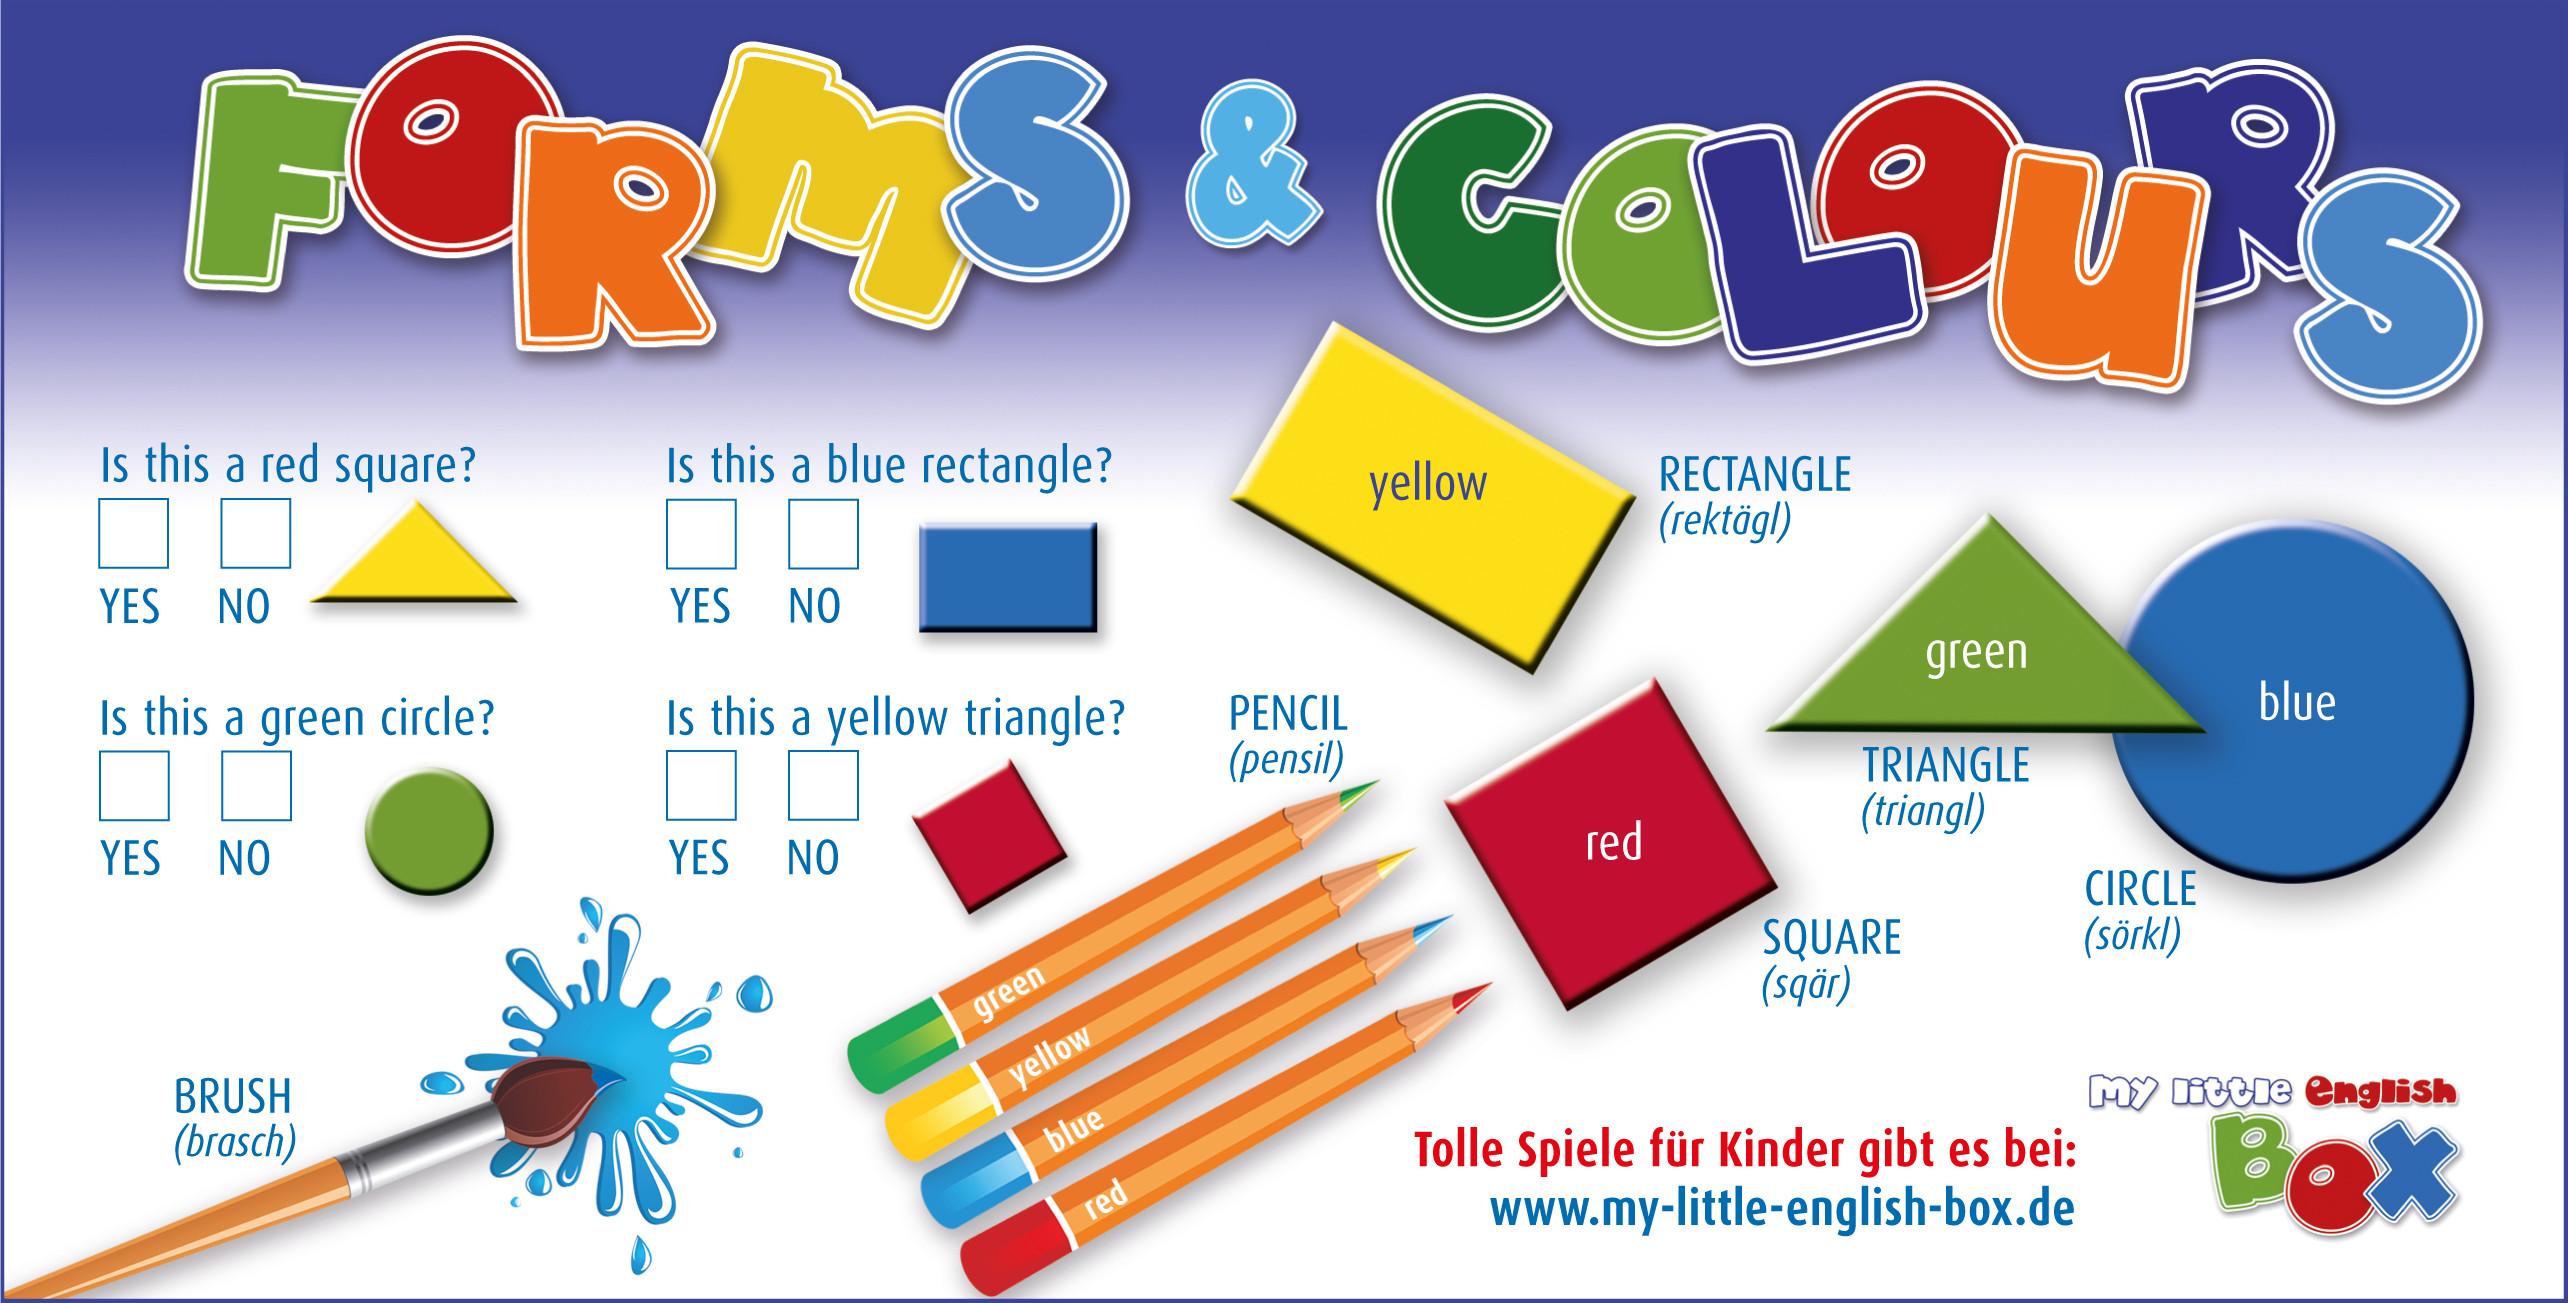 Geschenke Englisch  Gute Geschenke für Kinder my little english box